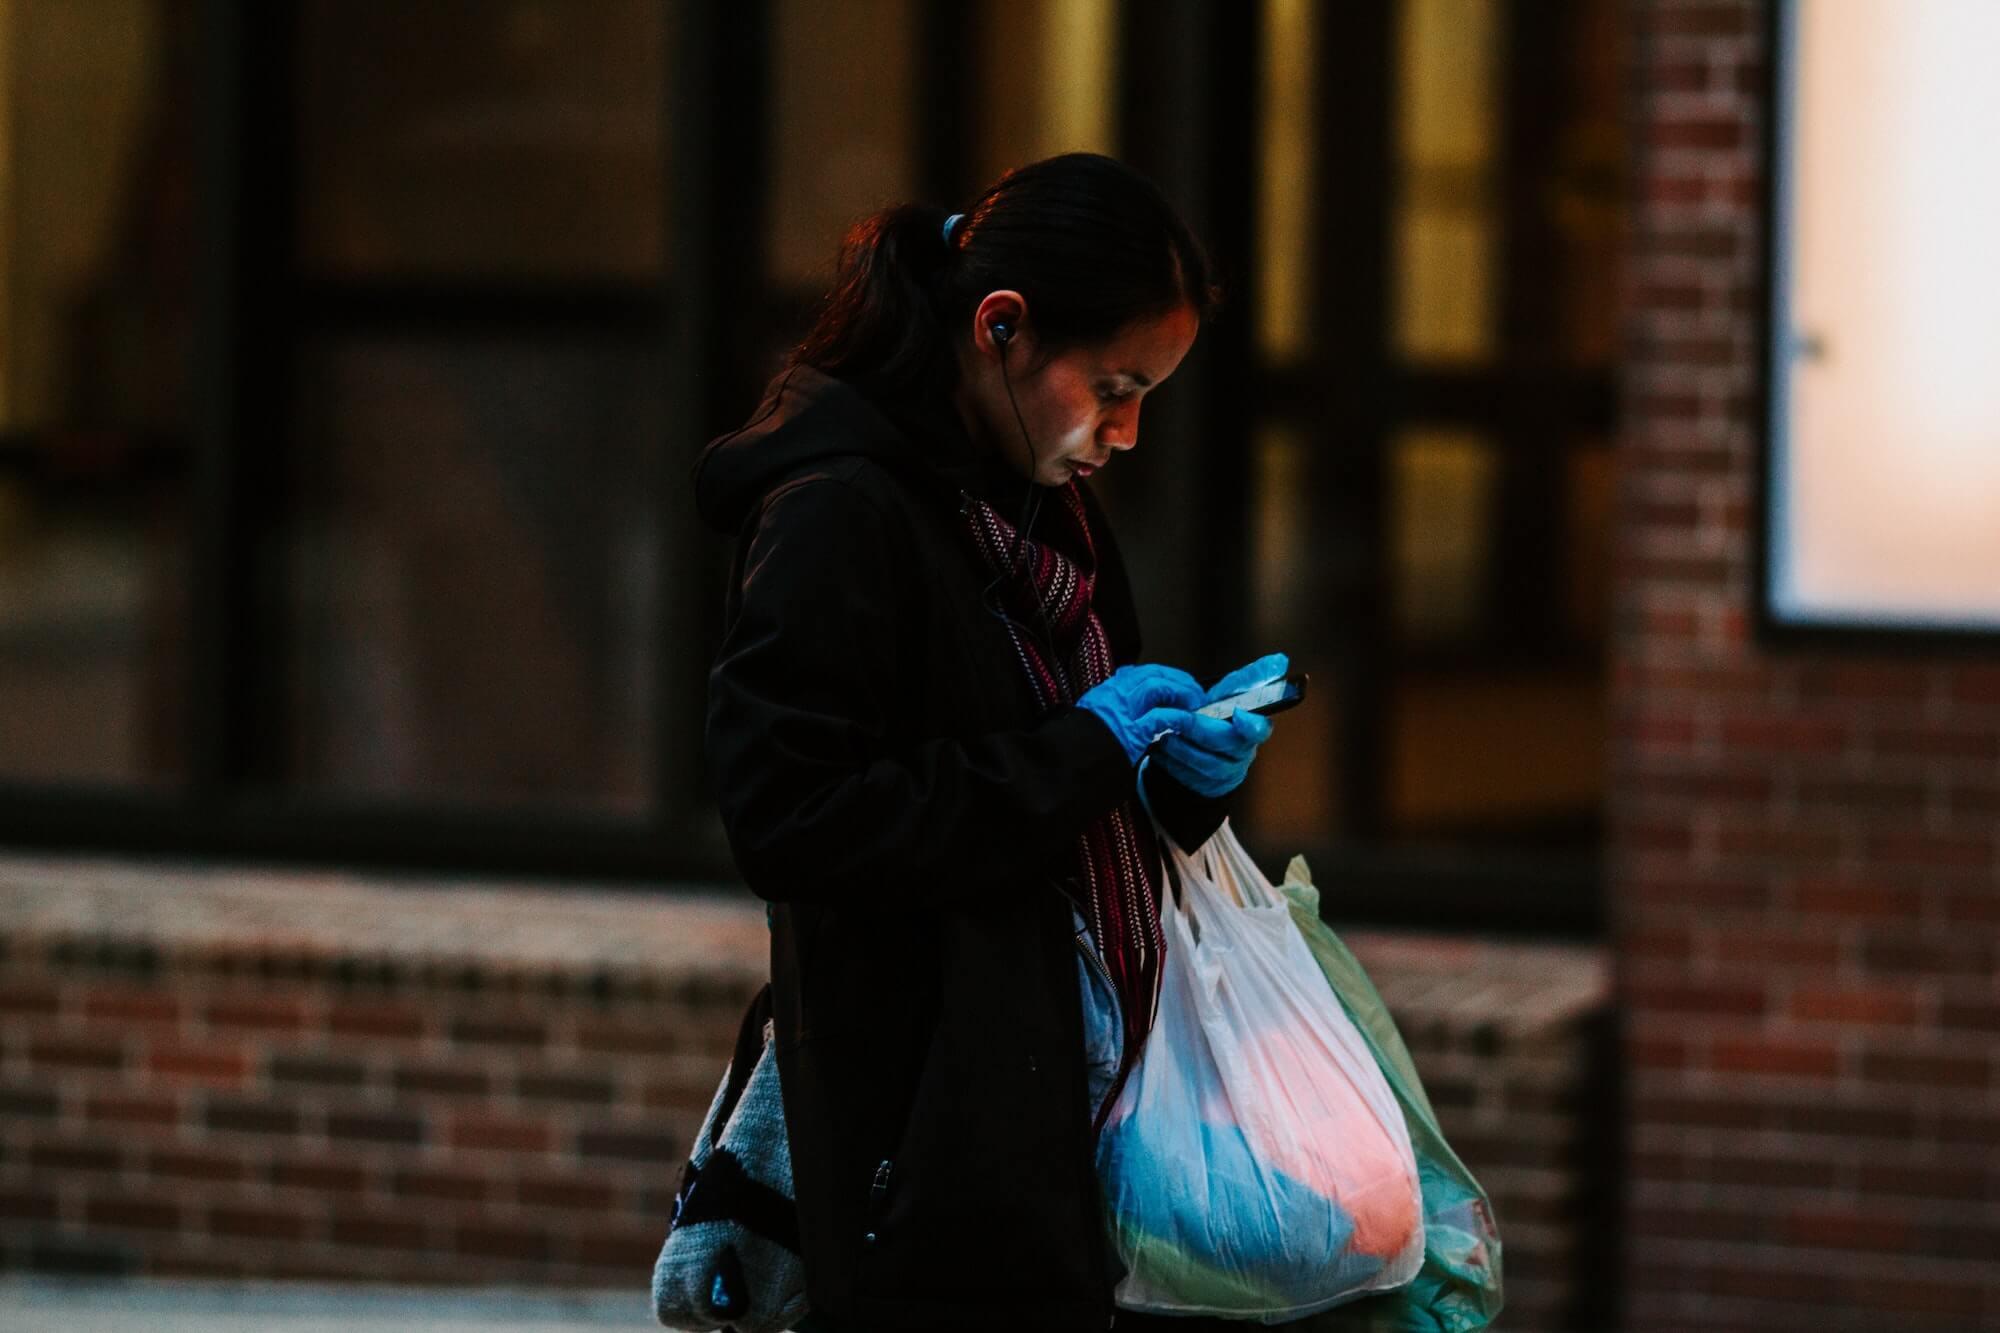 Femme avec des sacs plastiques de courses